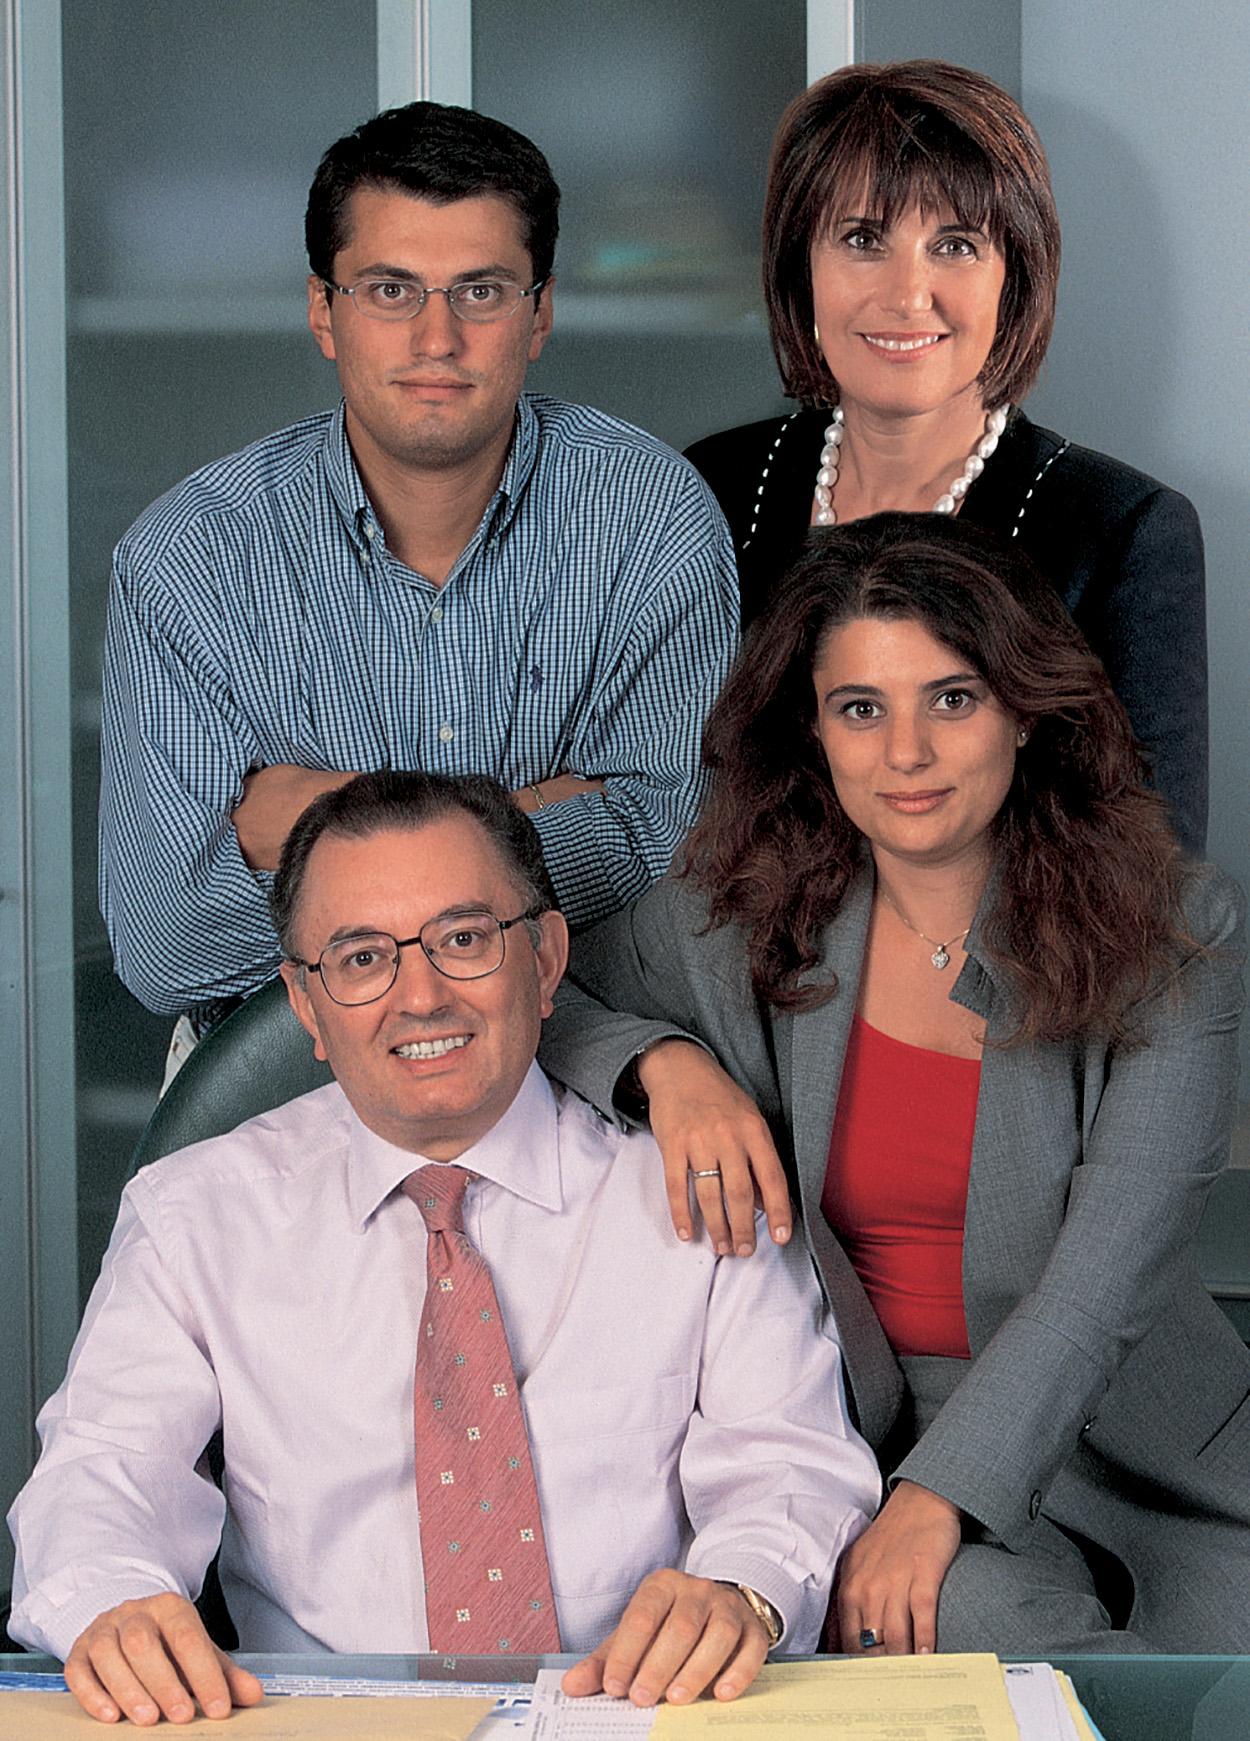 The Squinzi Family - Giorgio Squinzi - Adriana Spazzoli - Marco Squinzi - Veronica Squinzi